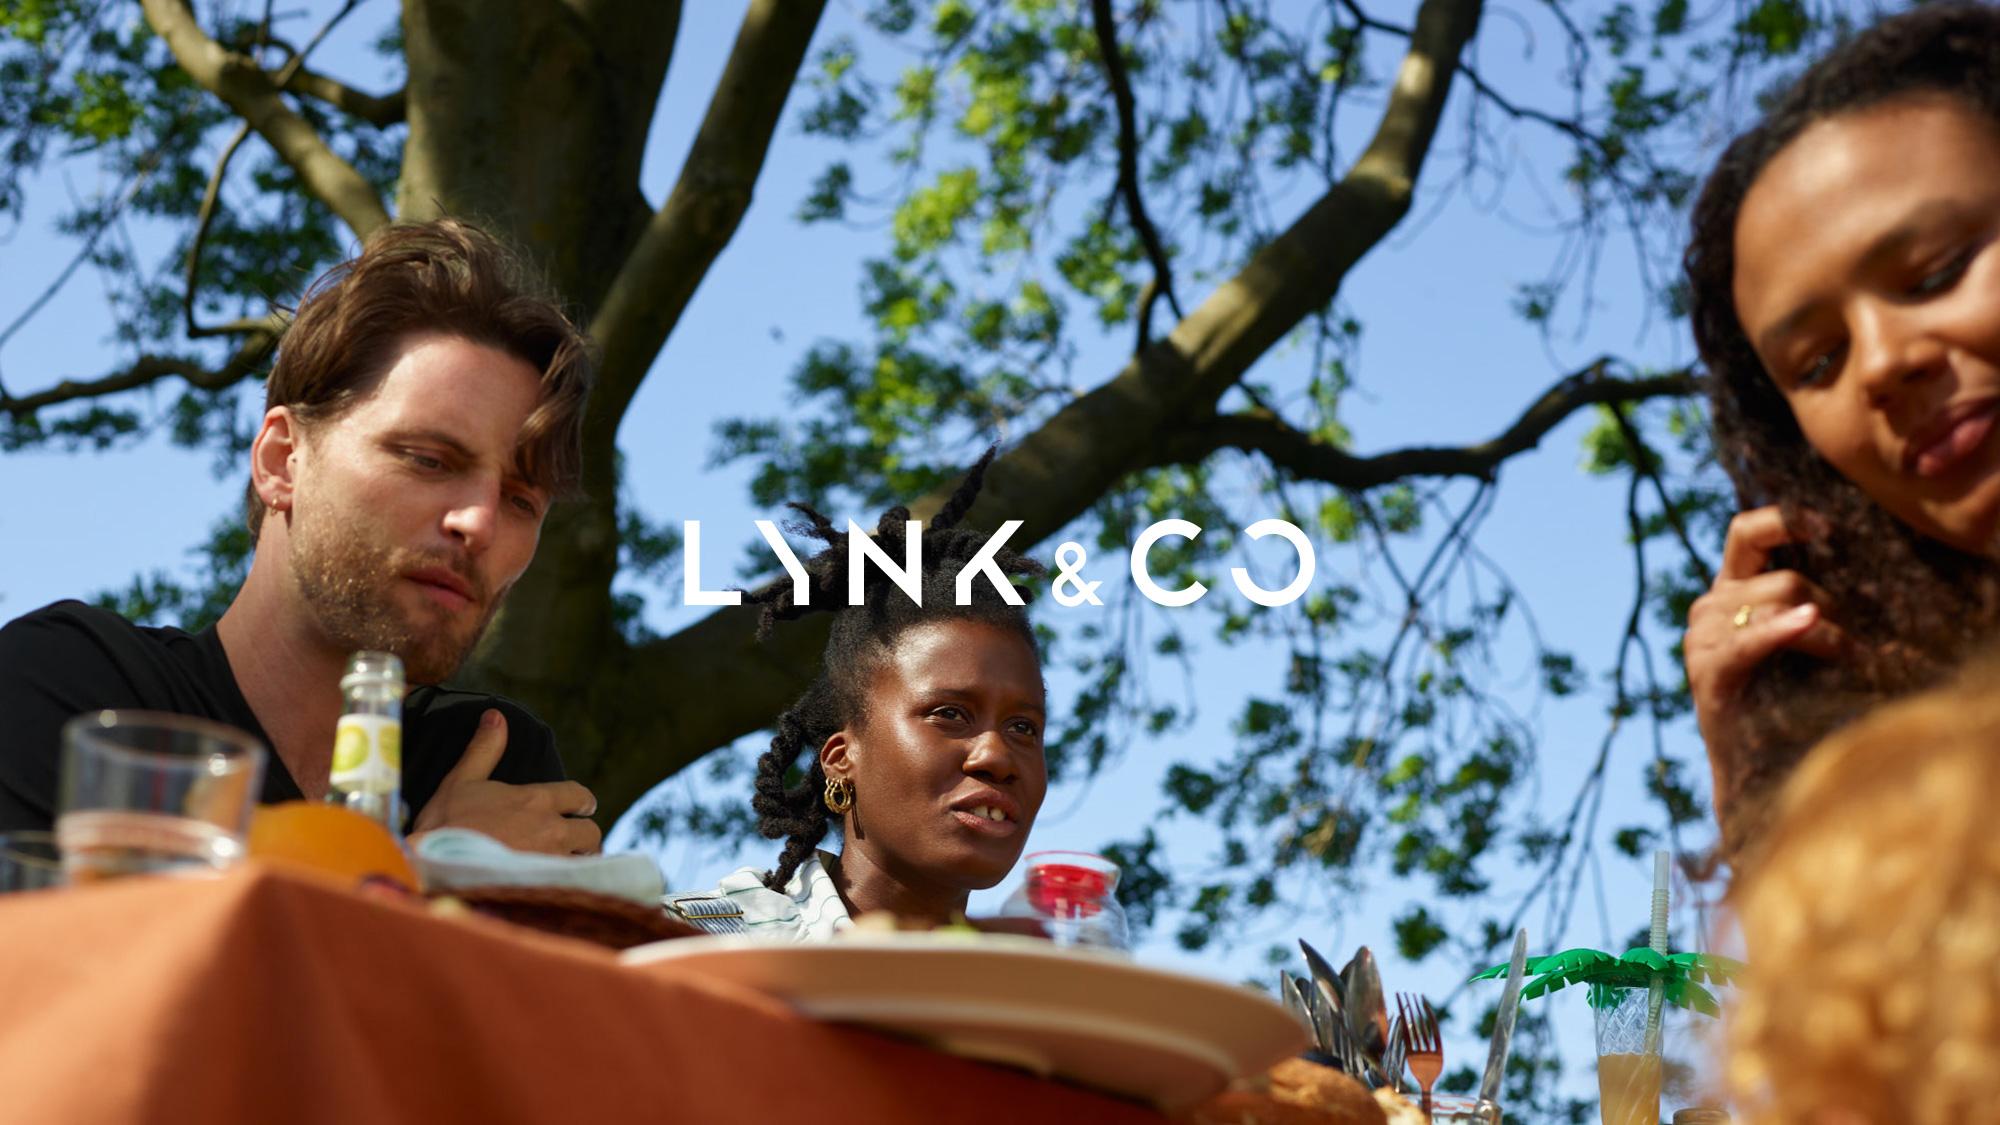 20200528_LYNK&CO_04_351—Webv2